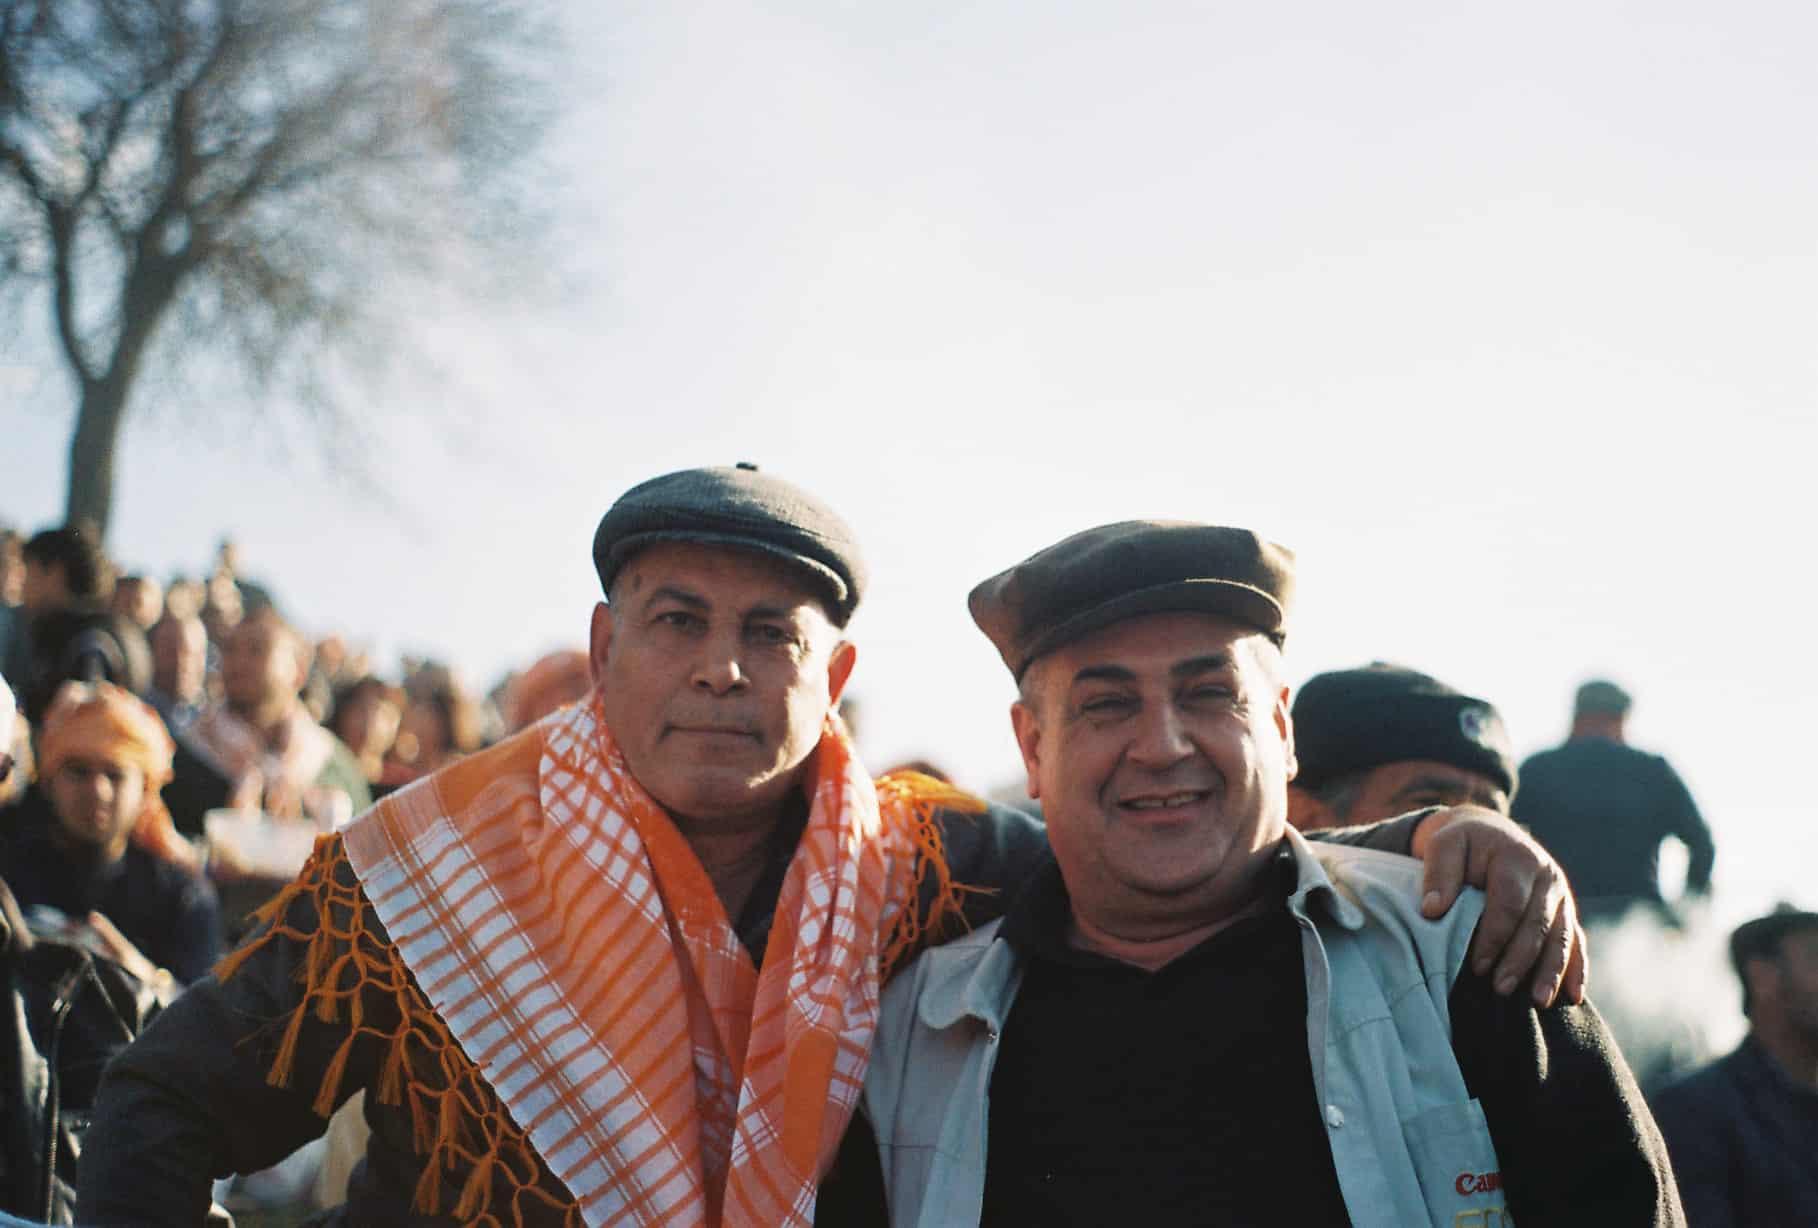 Two Men Posing (camel wrestling festival)